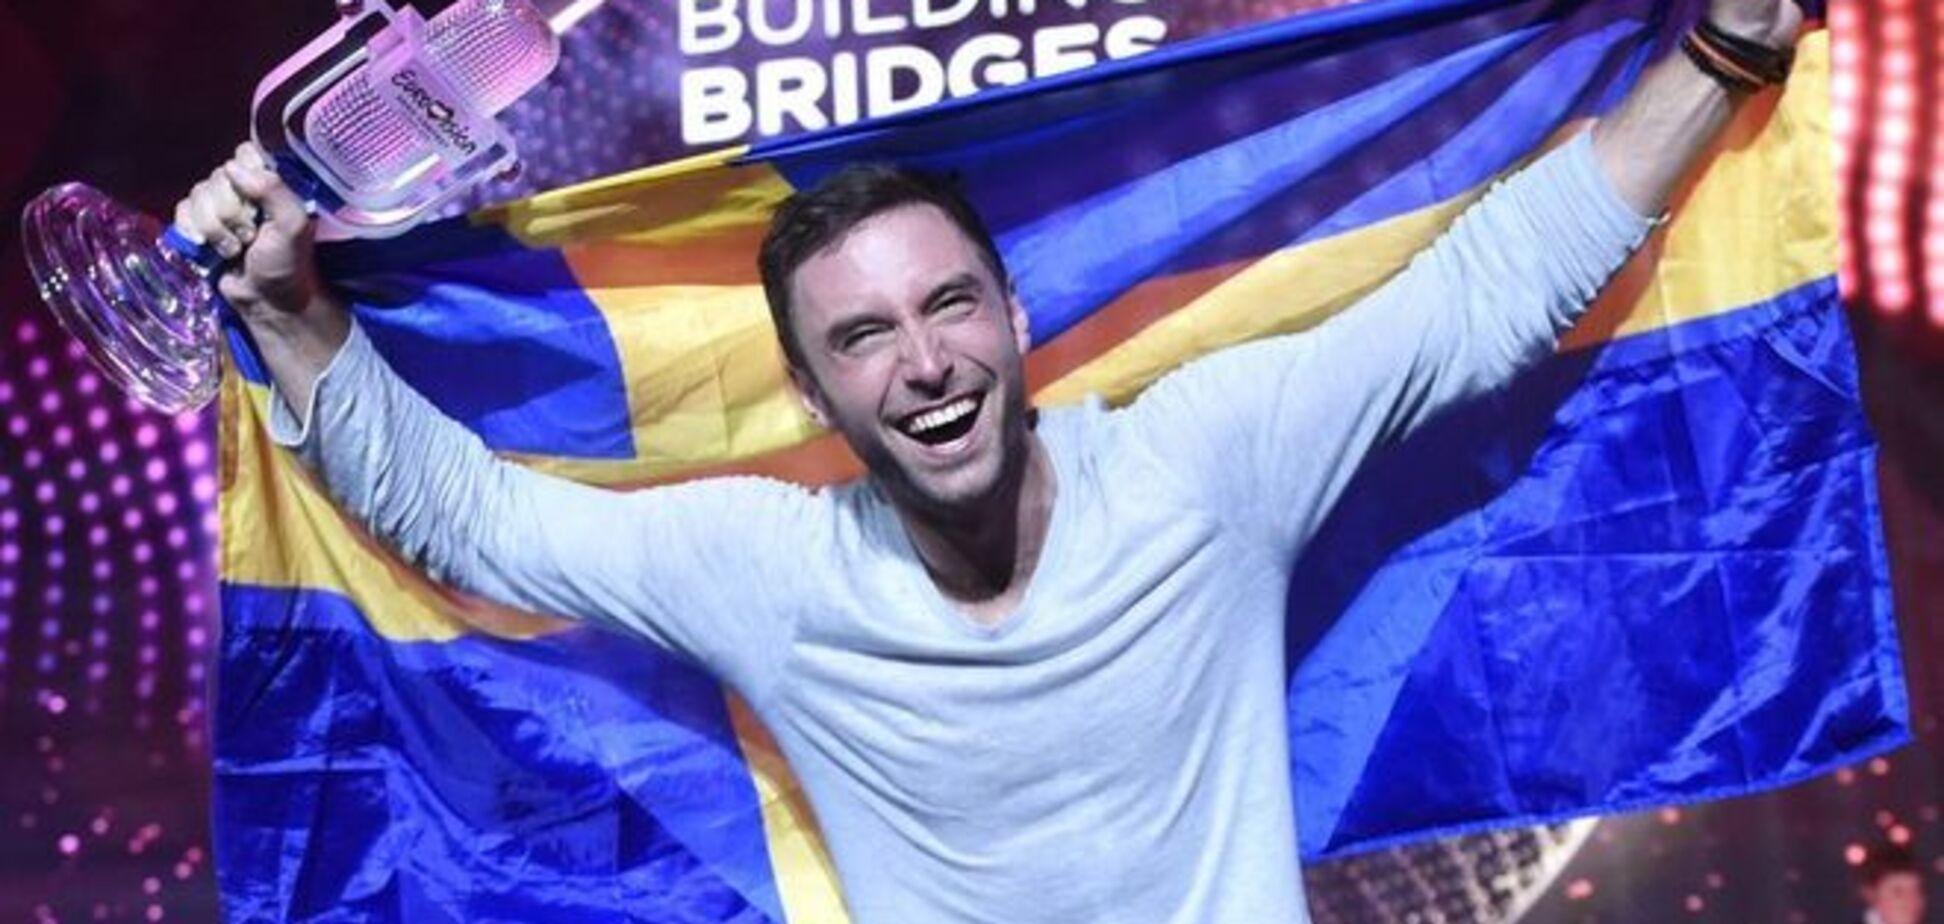 Евровидение 2015: топ-10 лучших песен конкурса